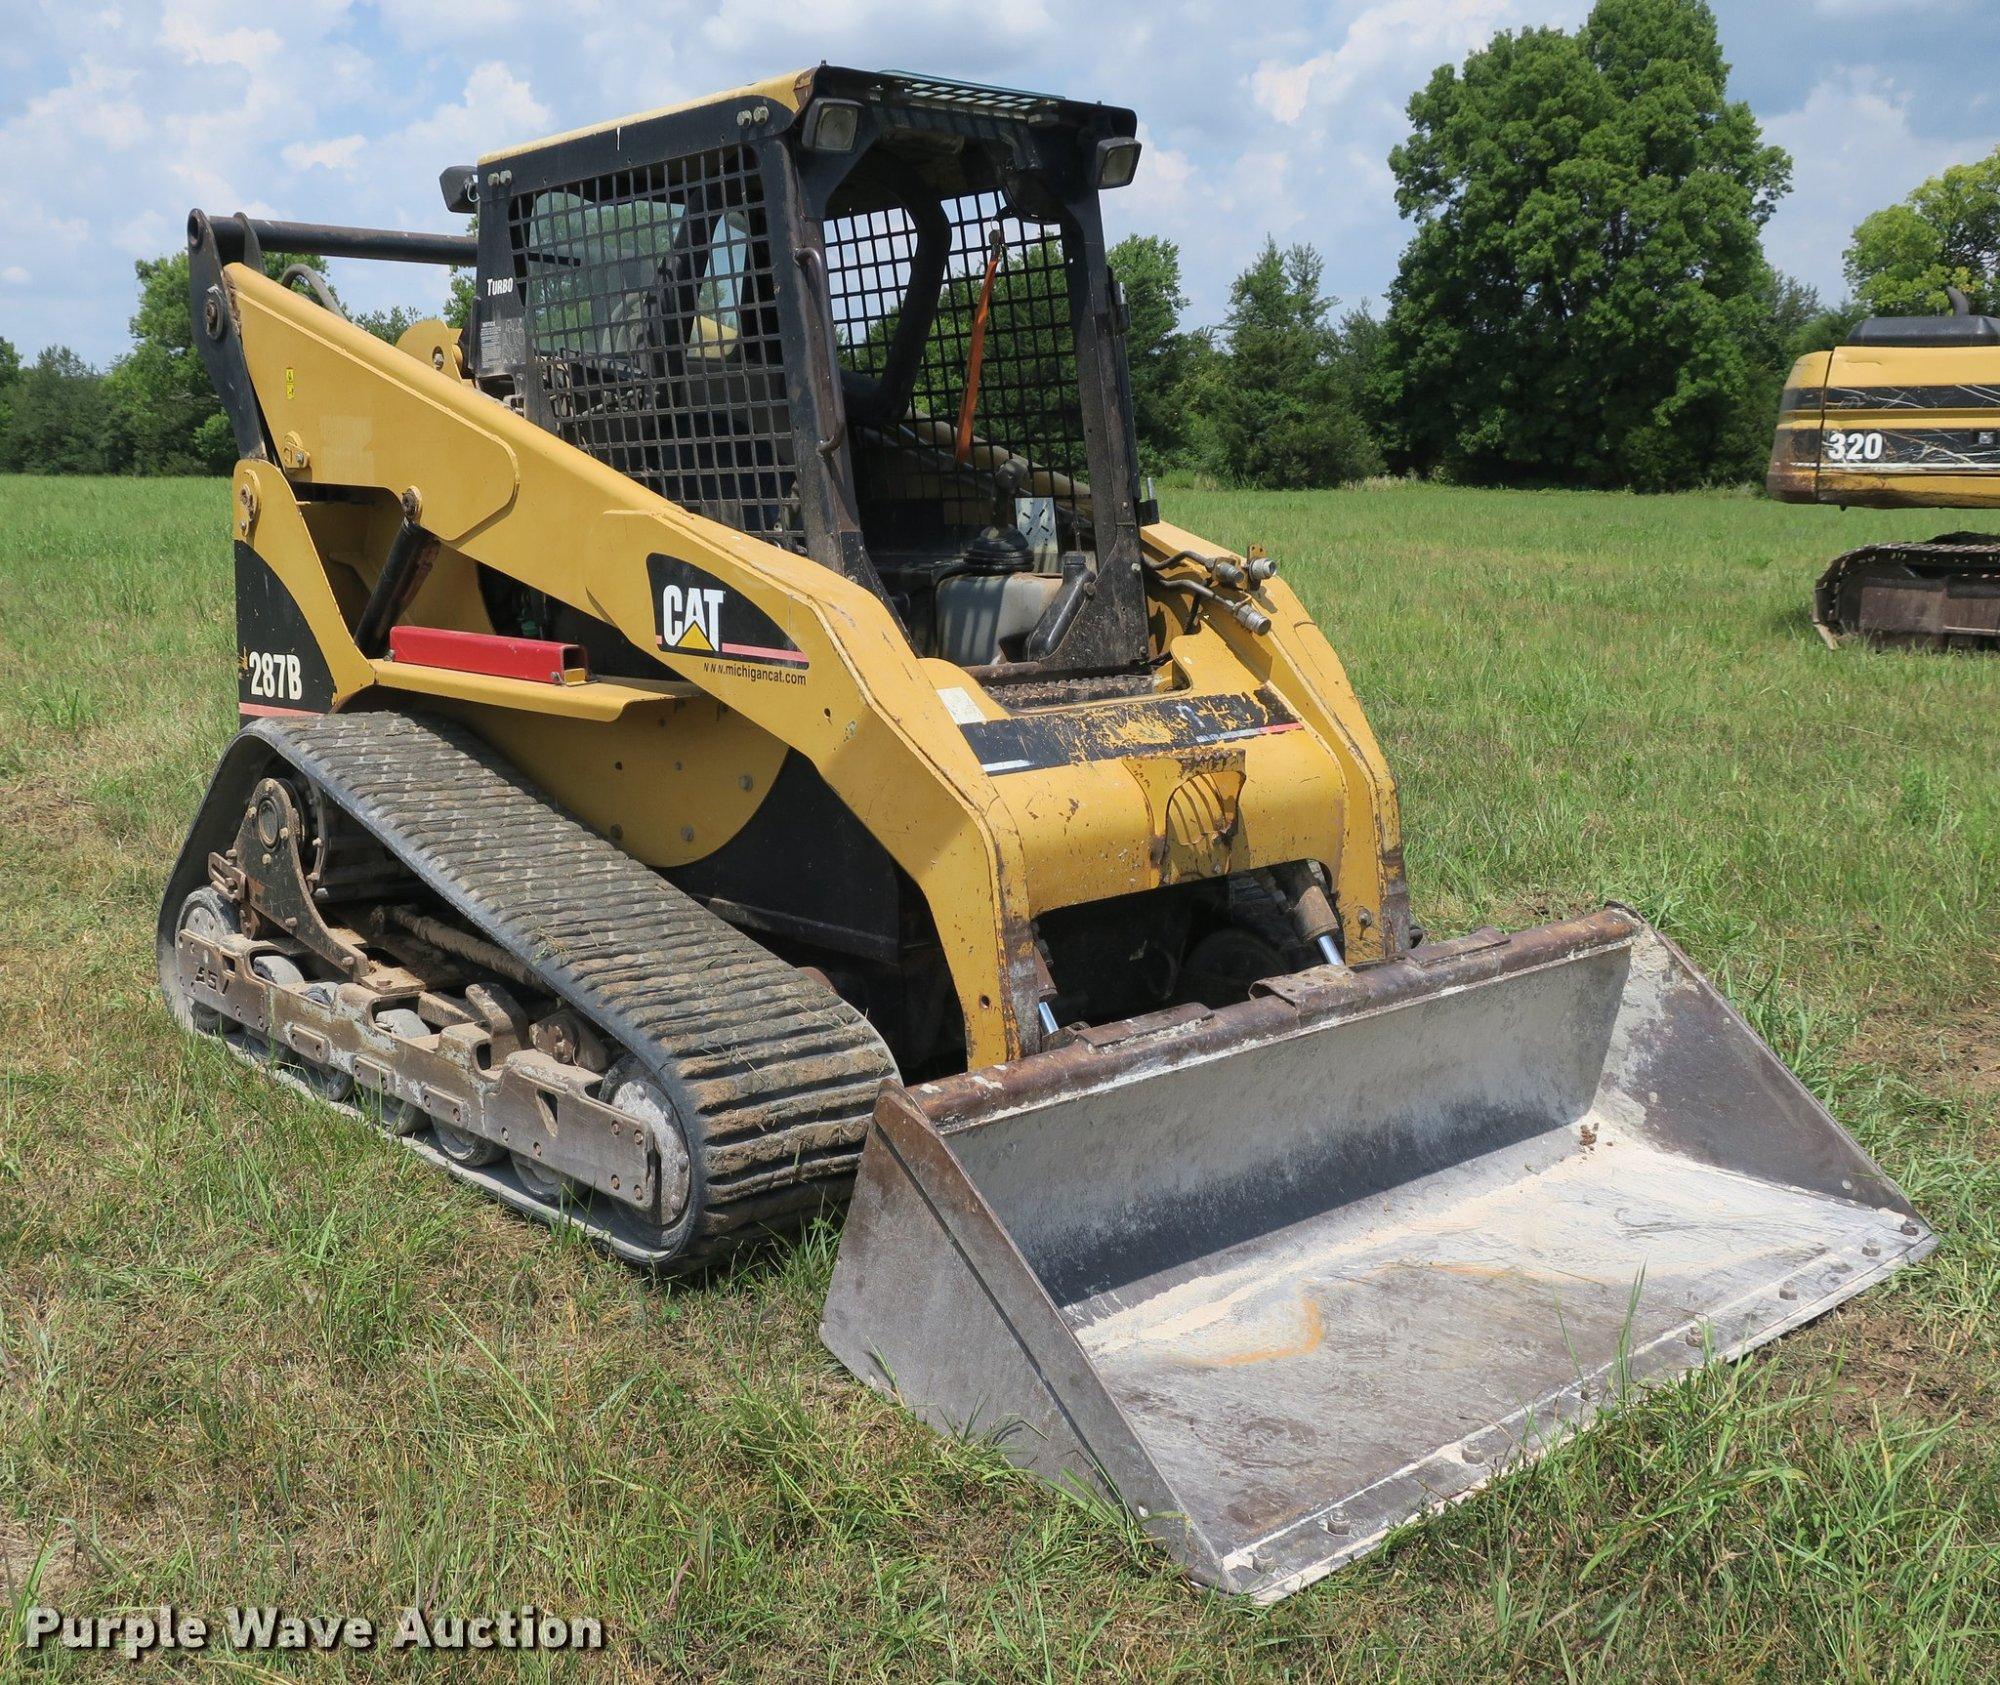 hight resolution of caterpillar skid steer item de sold septe jpg 2048x1726 cat 287b electrical